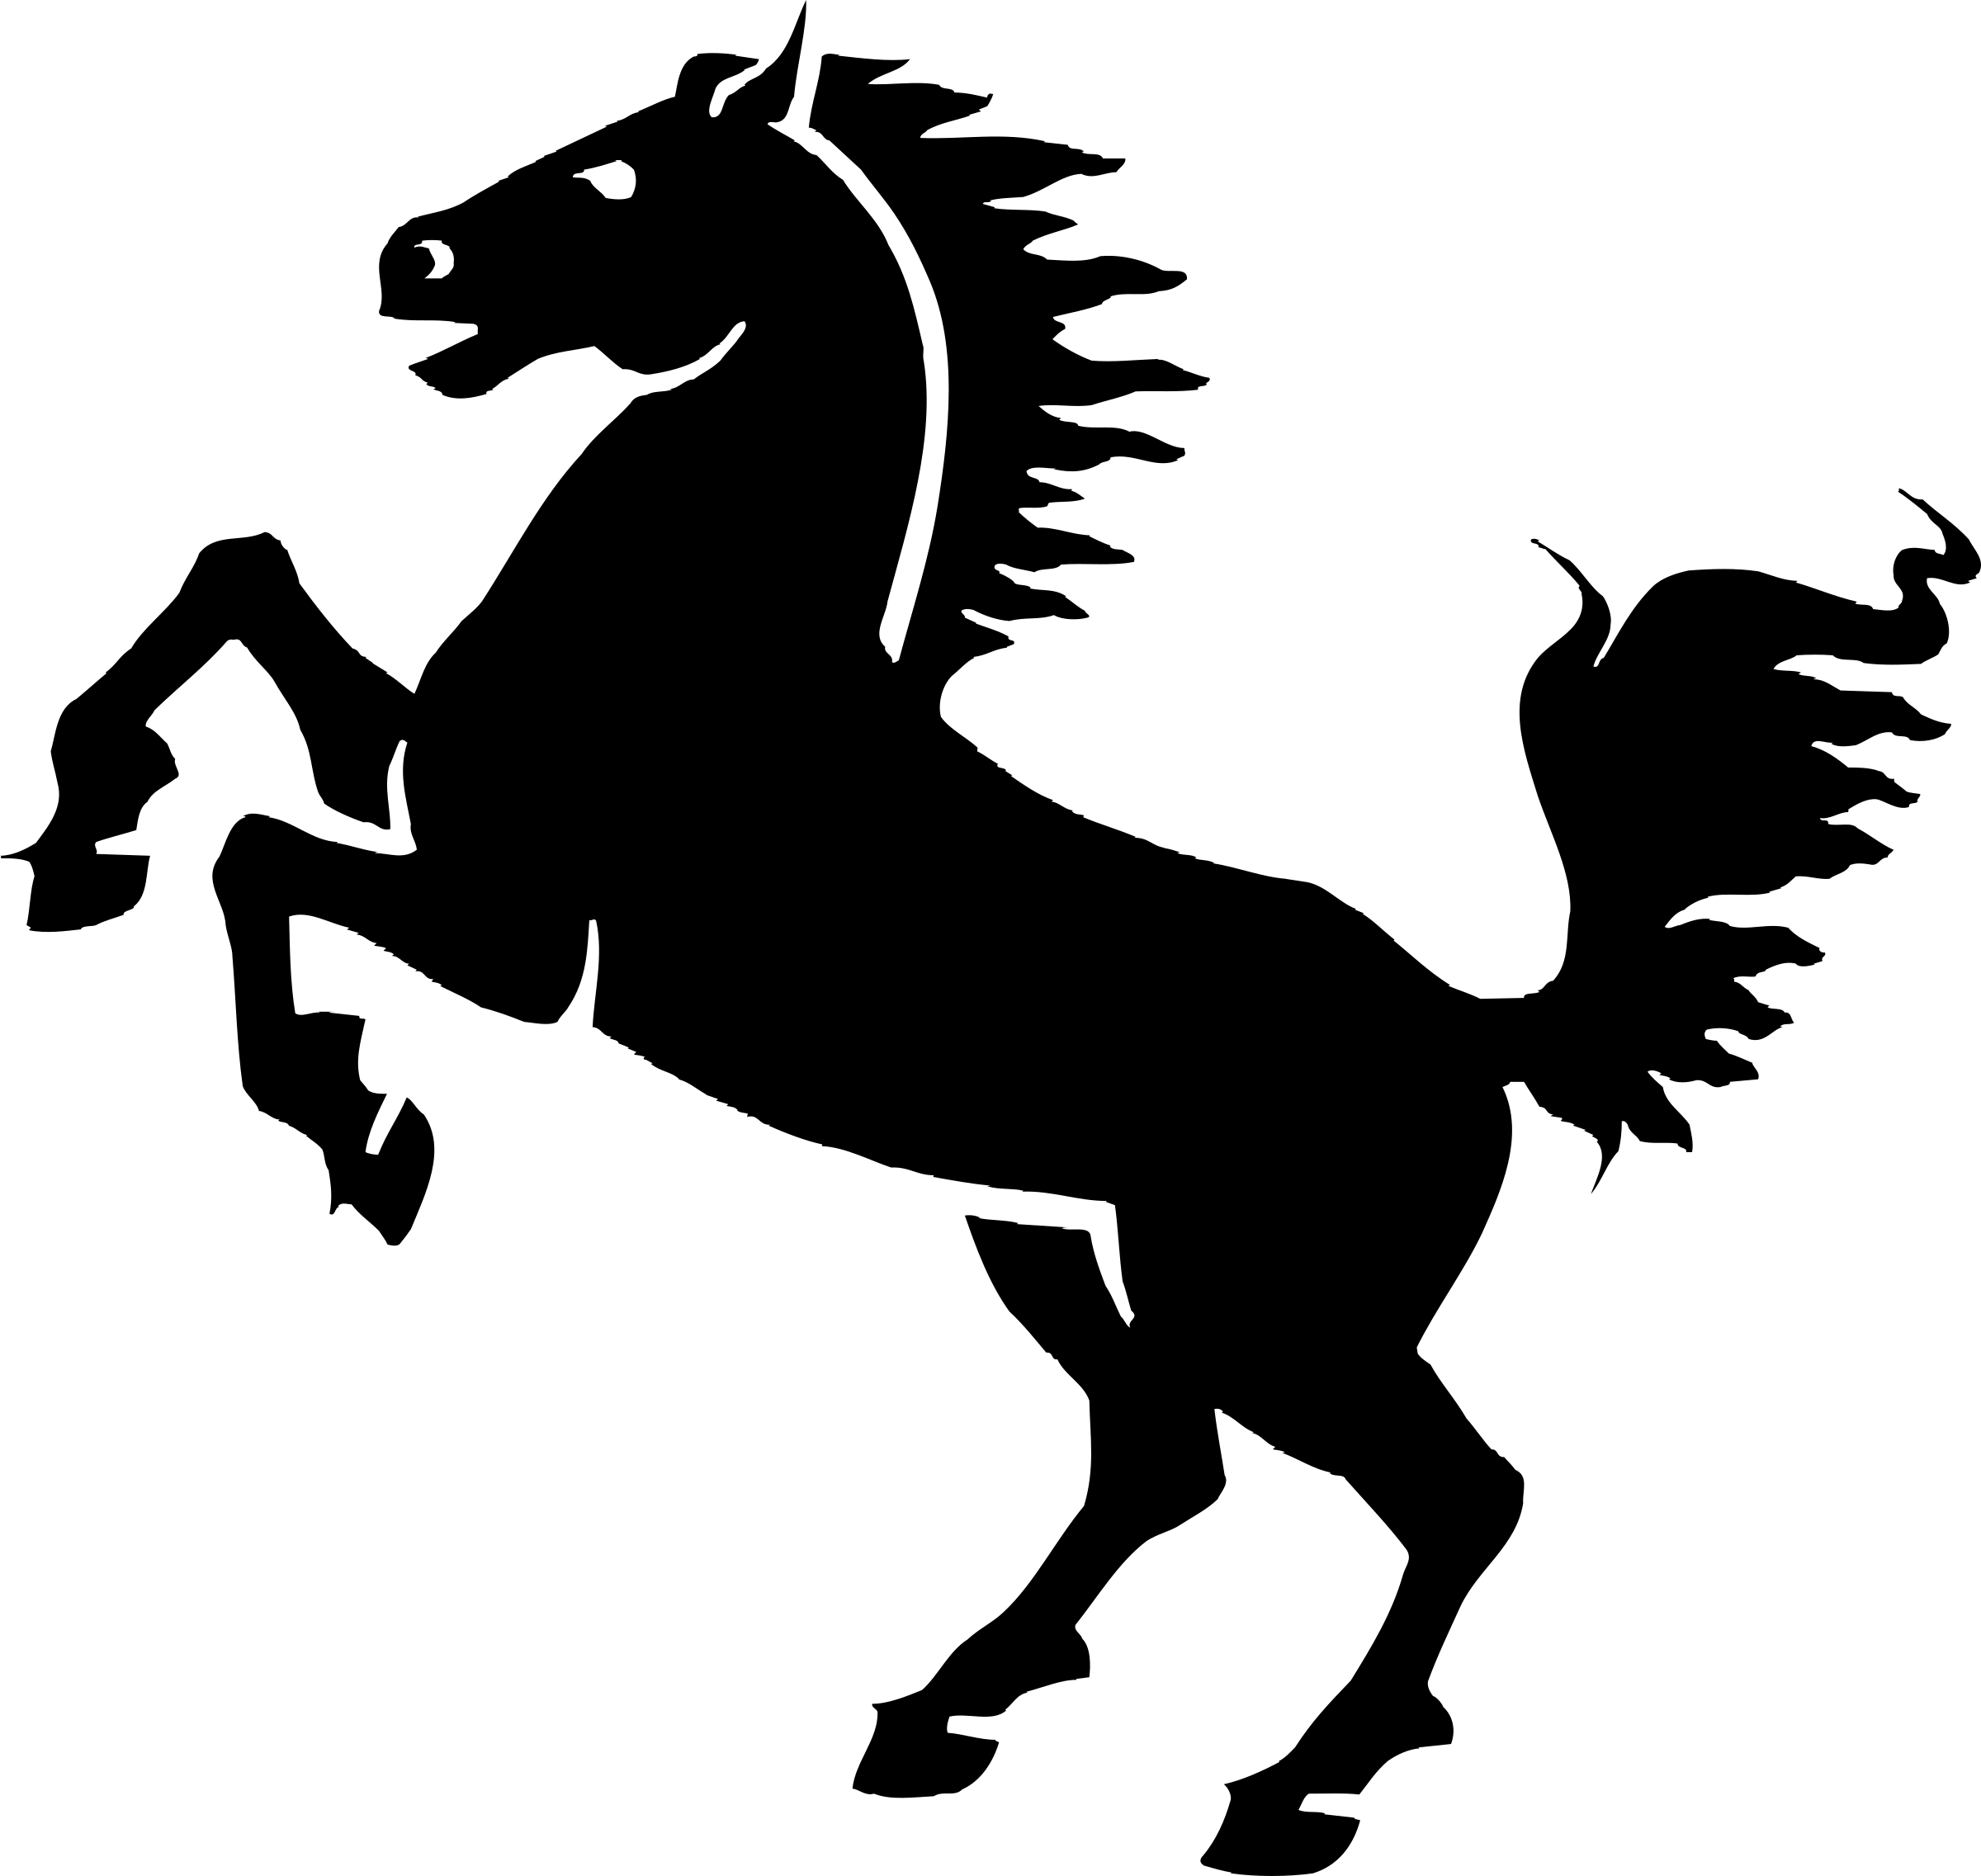 Horses clipart vector. Black horse big image